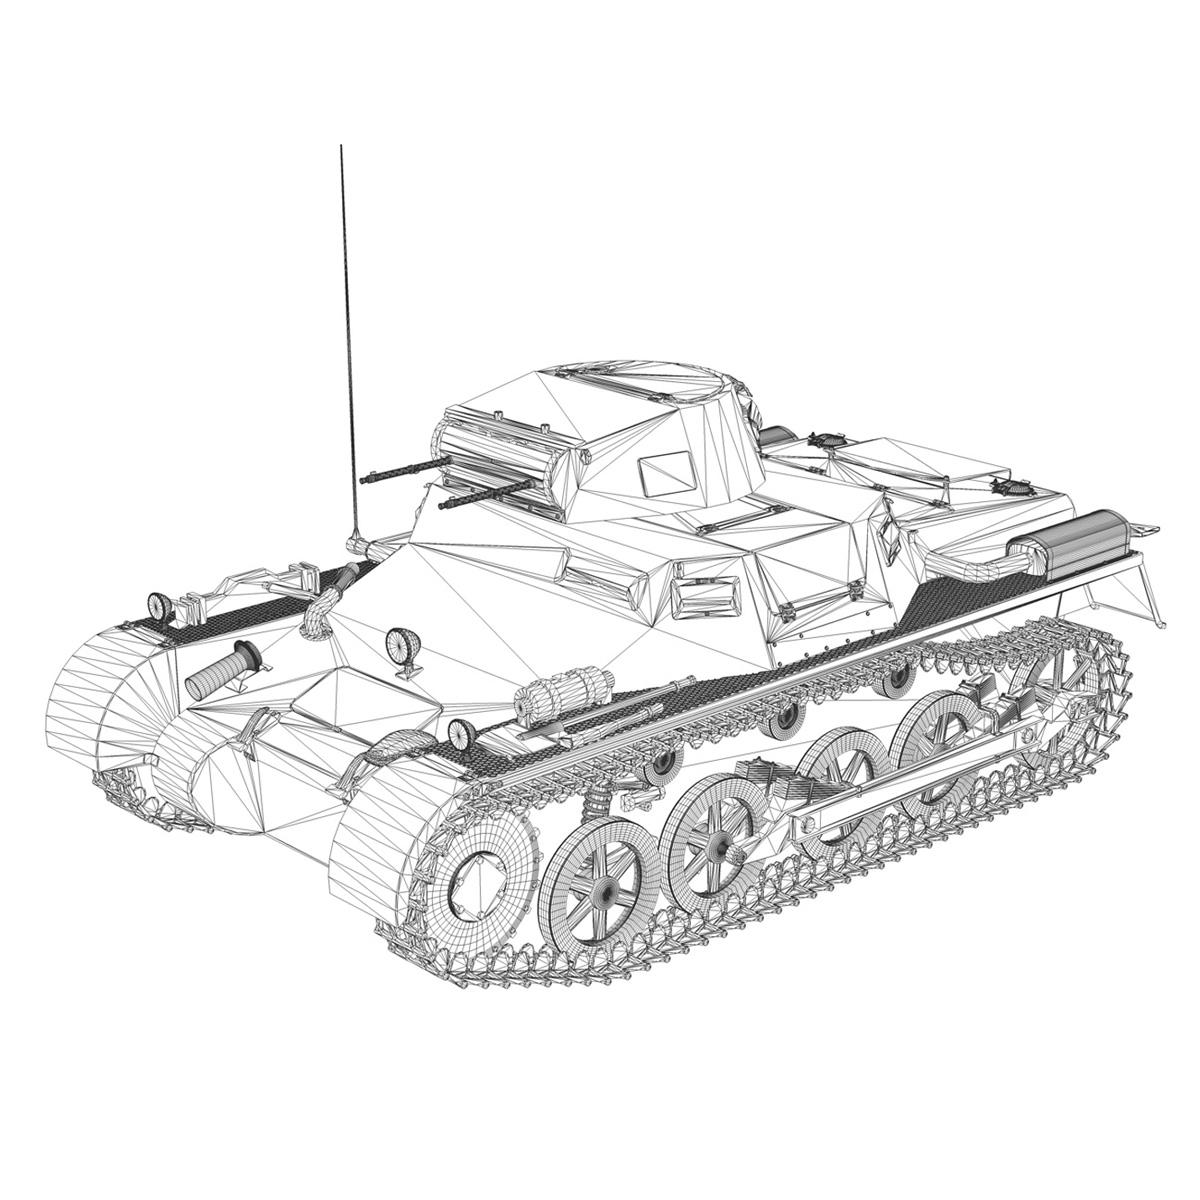 pzkpfw 1 – panzer 1 – ausf. a – g 3d model 3ds fbx lwo lw lws obj c4d 265458